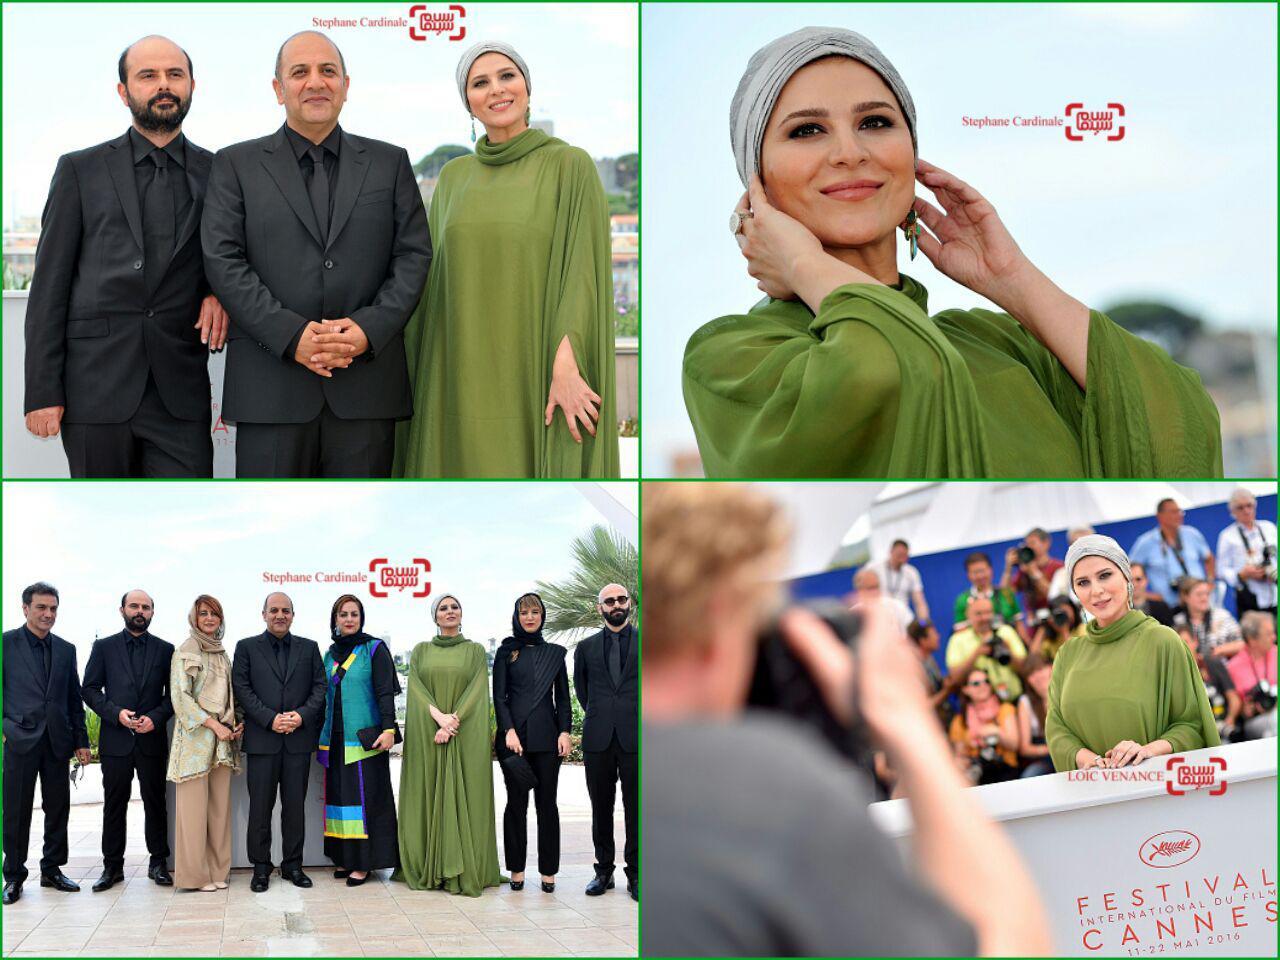 گزارش تصویری روز هفتم جشنواره کن 2016 با حضور سحر دولتشاهی، علی مصفا و بهنام بهزادی